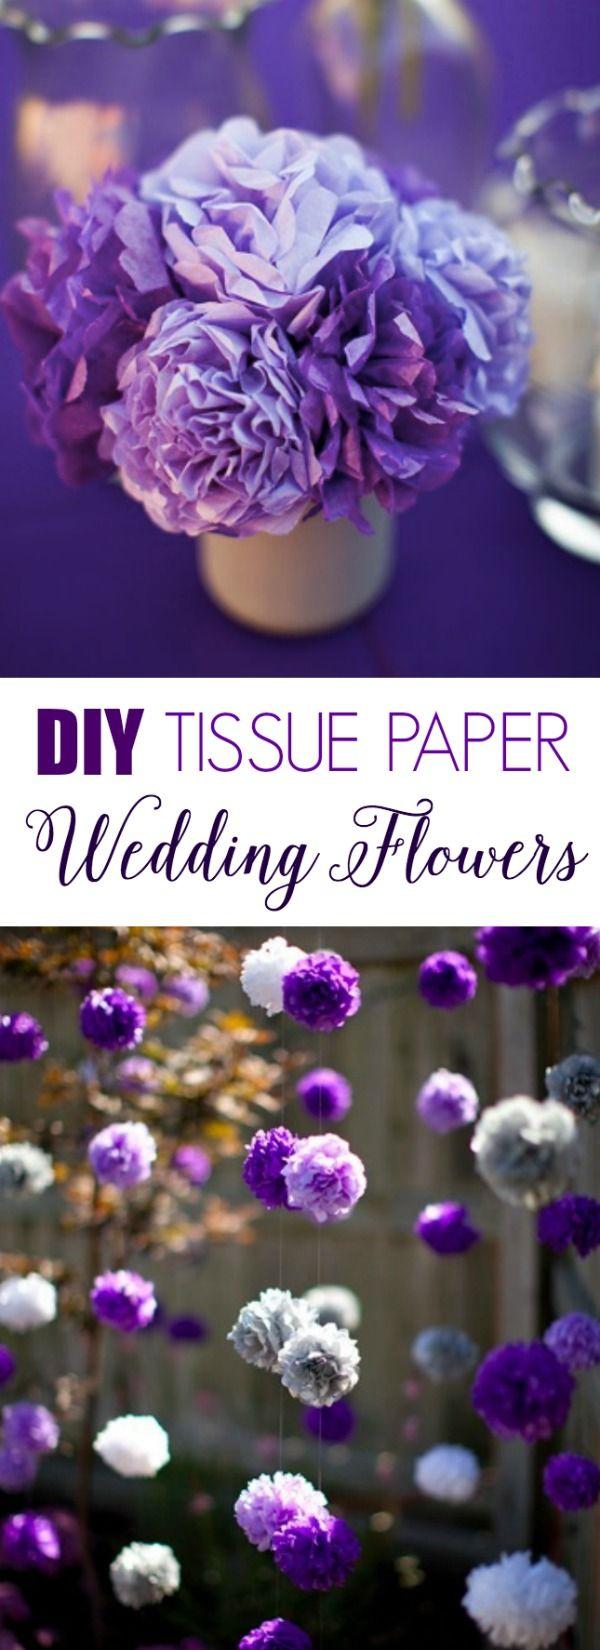 Diy Tissue Paper Wedding Flowers Wedding Pinterest Tissue